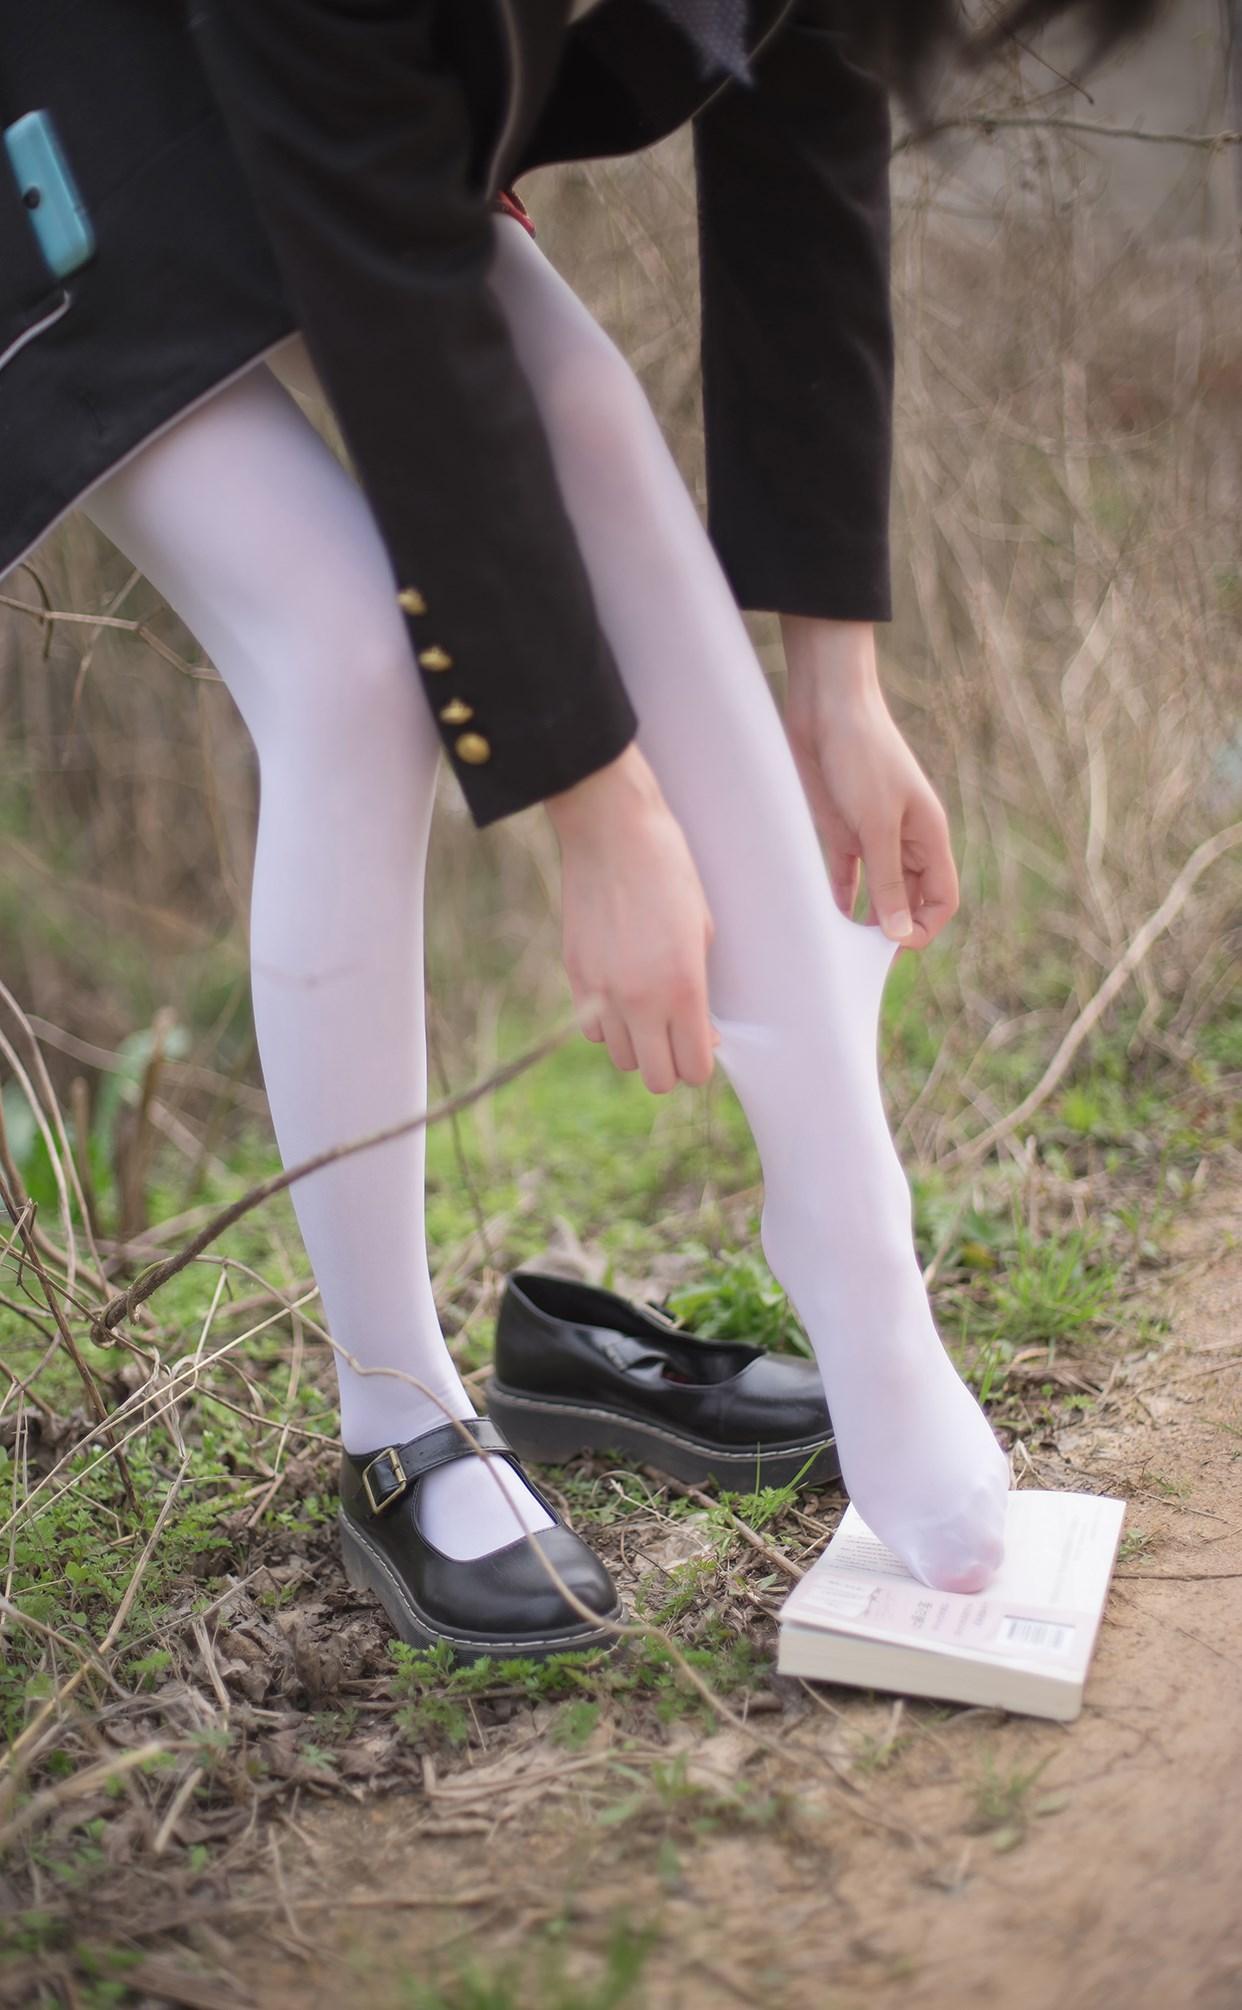 【兔玩映画】白丝萝莉腿竟然这么长! 兔玩映画 第26张